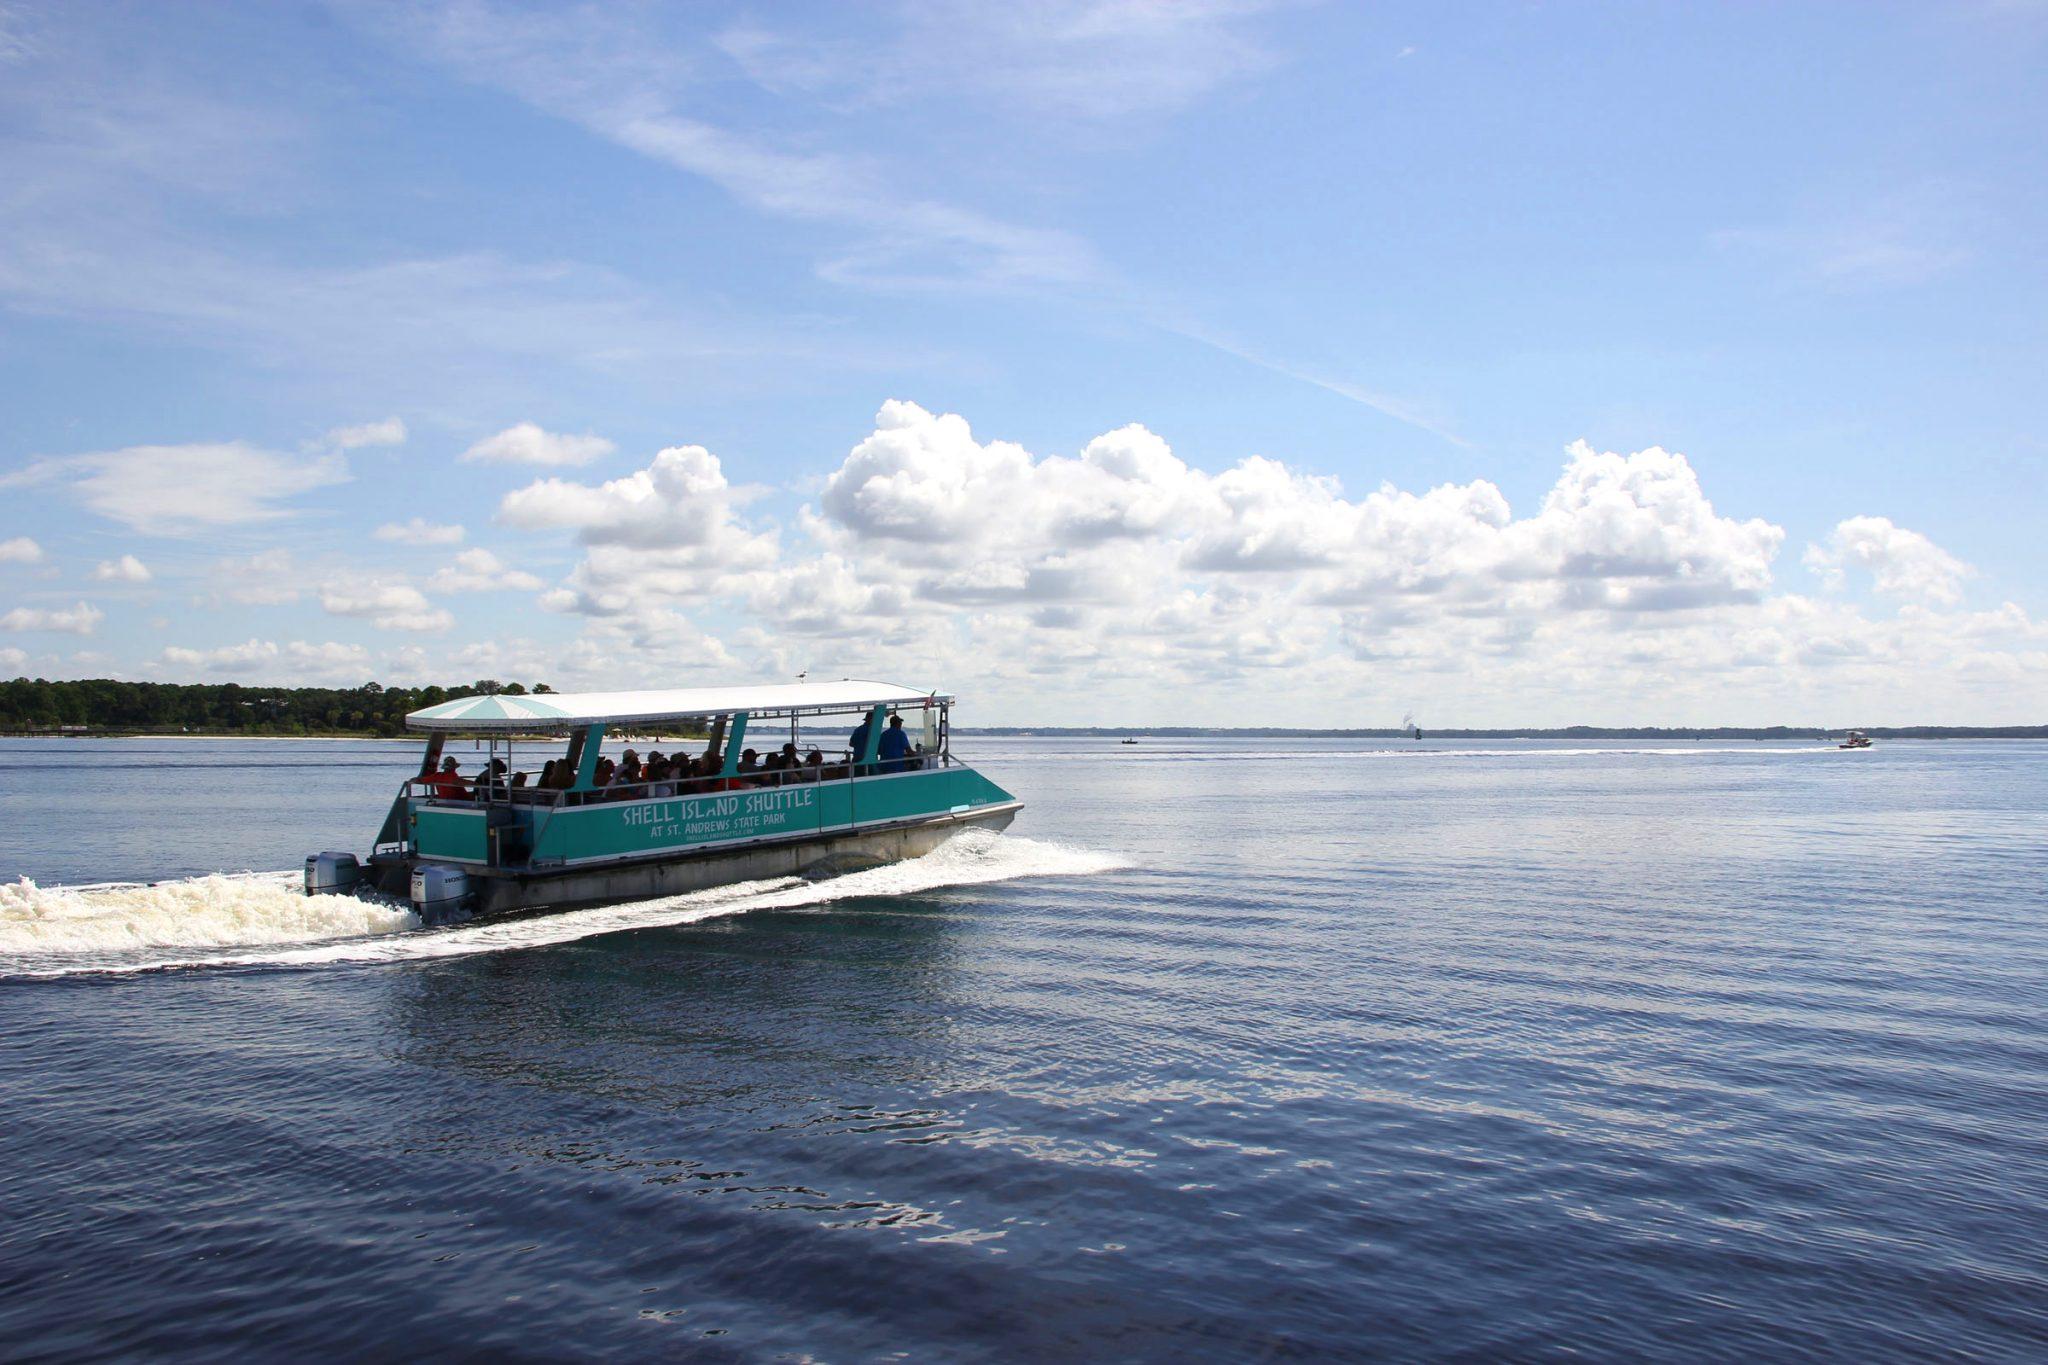 Shell Island Ferry